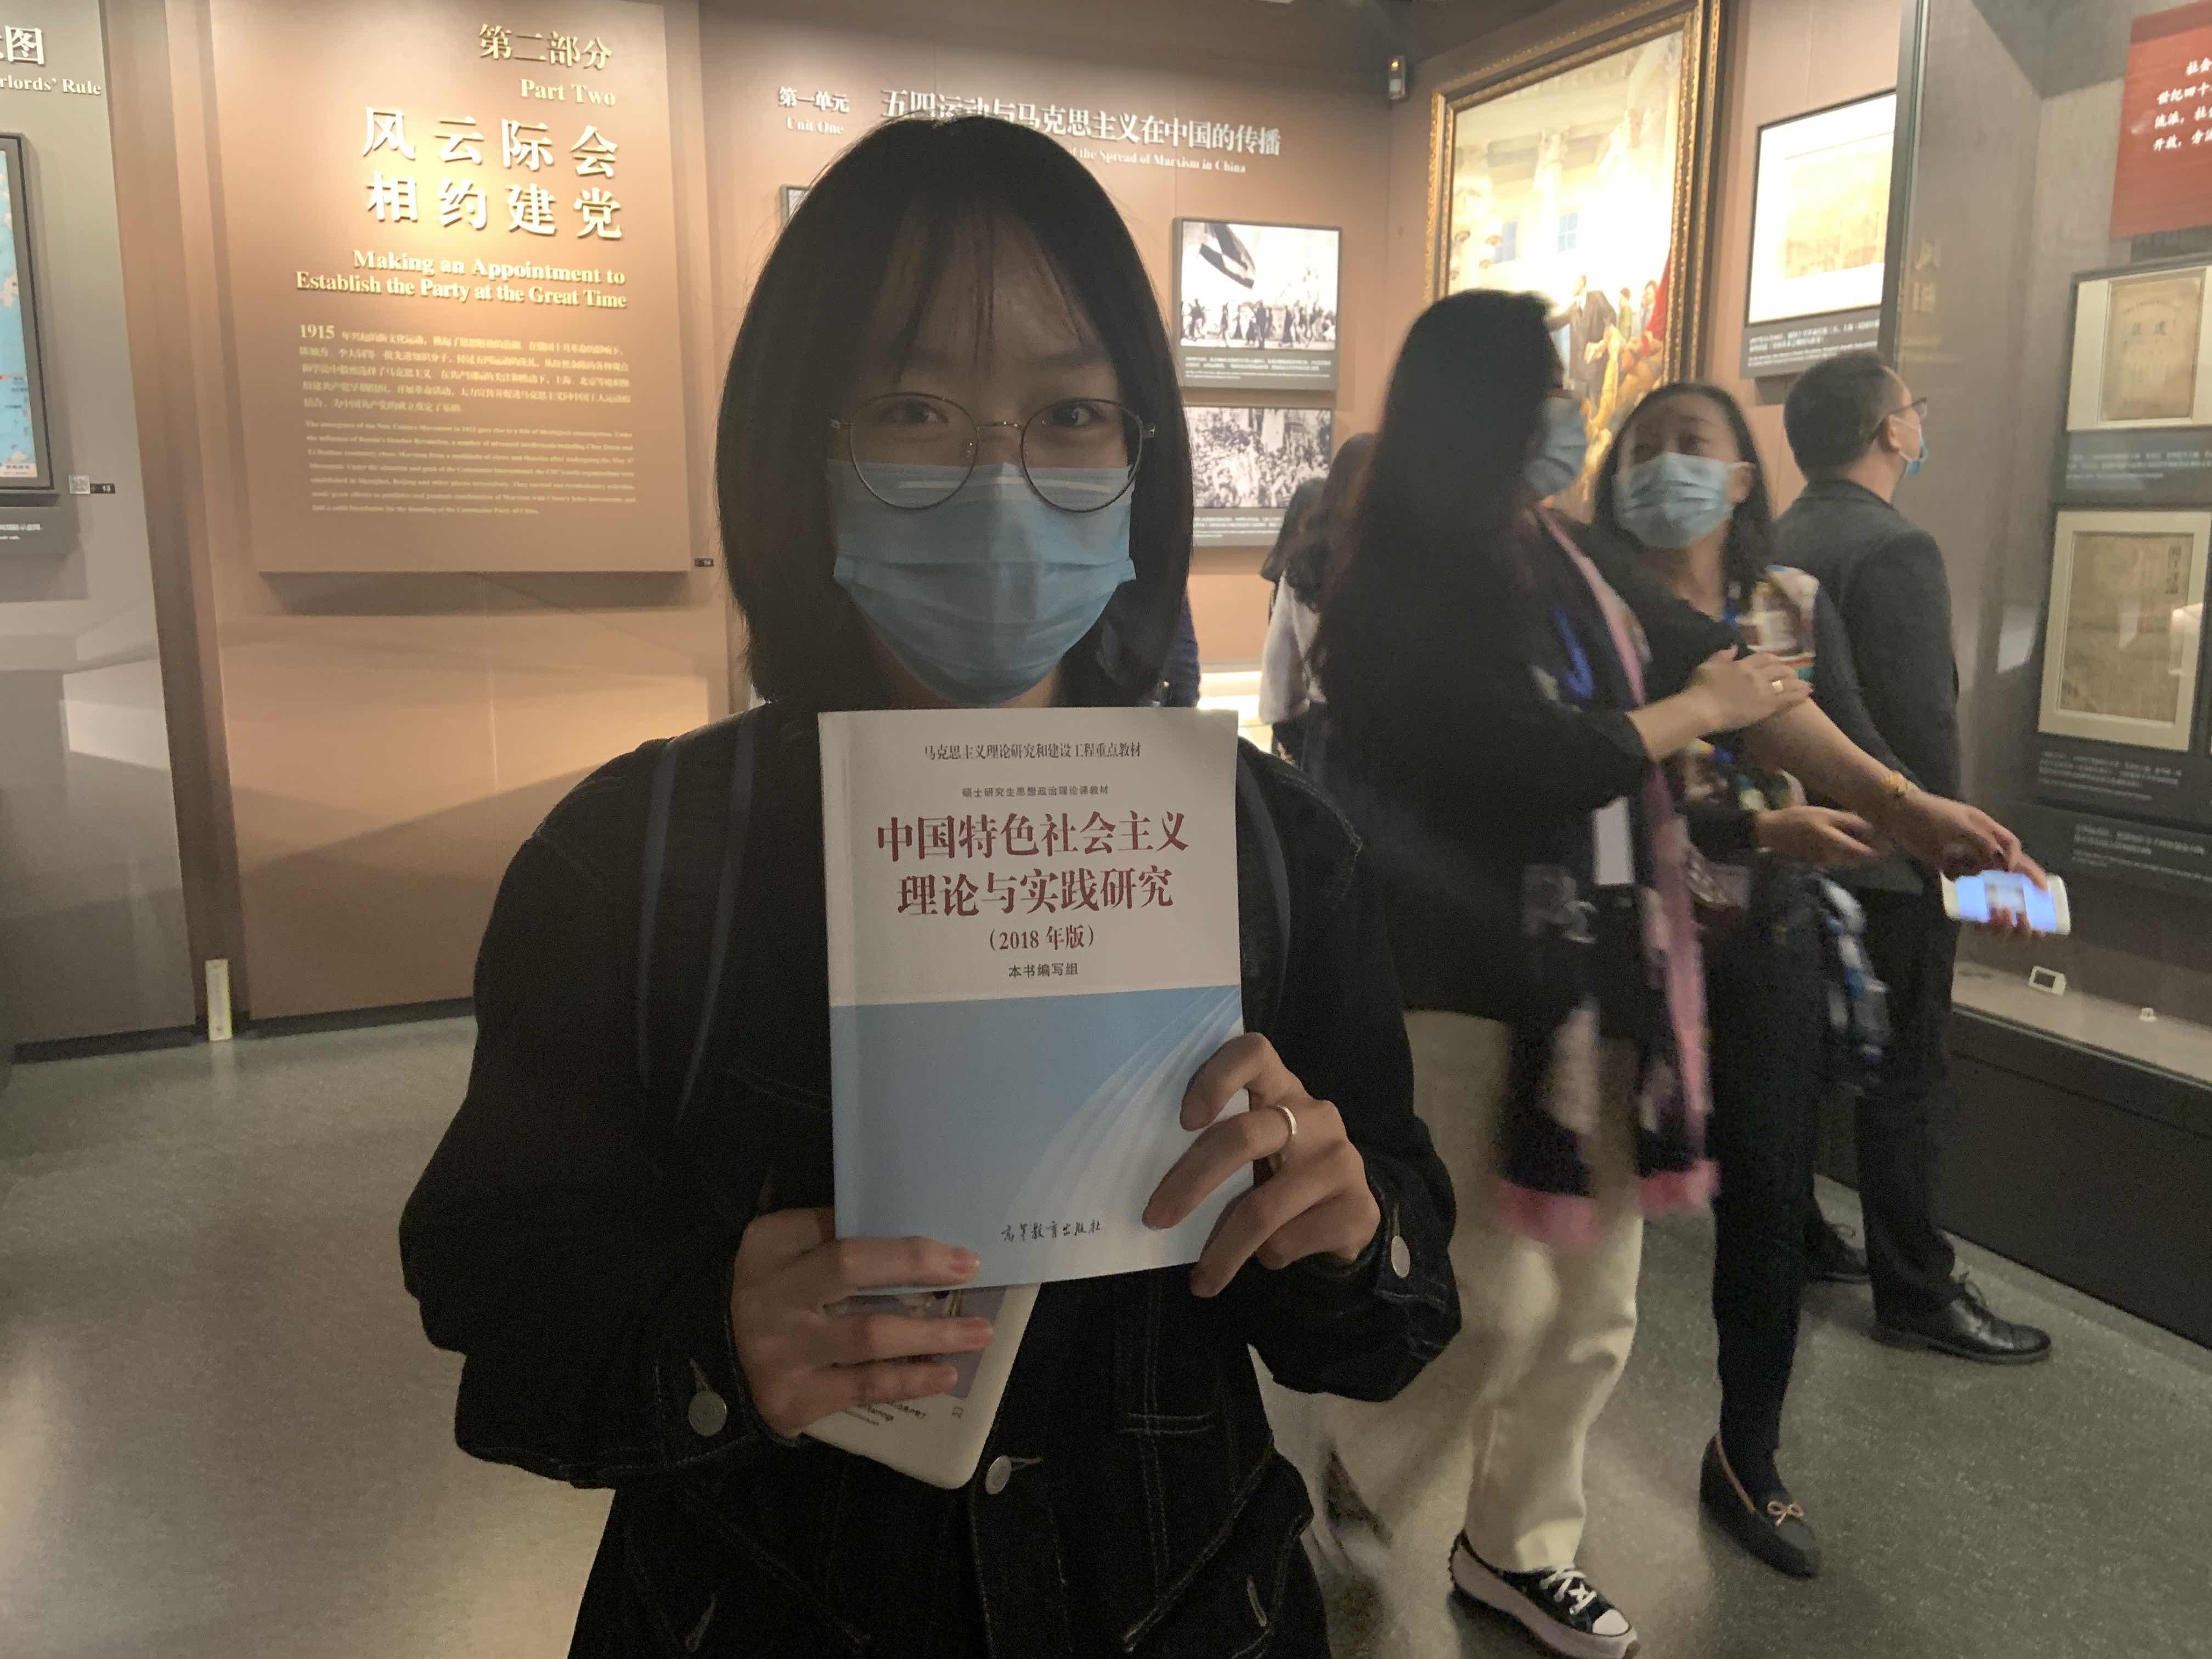 蓝盼盼手里拿着《中国特色社会主义理论与实践研究》。